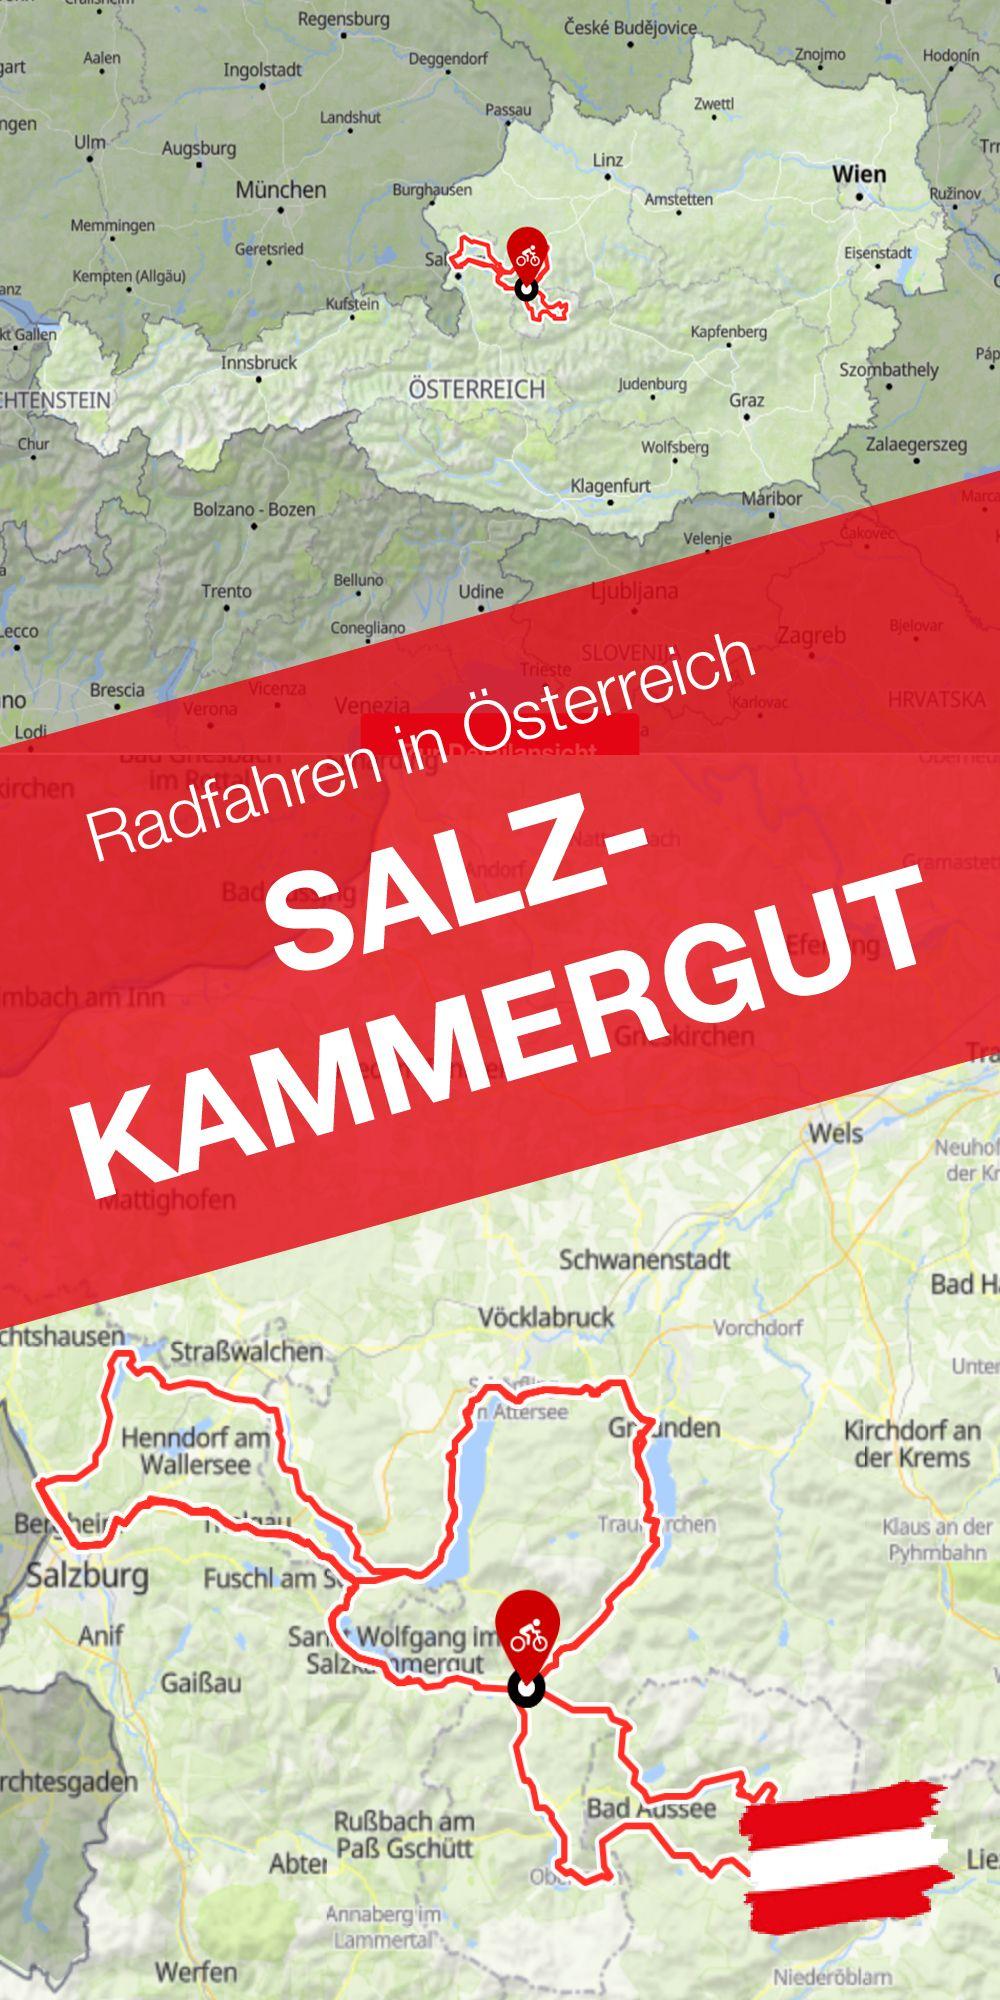 Salzkammergut Radweg Entlang An Wasser Und Kultur Salzkammergut Radweg Hallstatt Osterreich